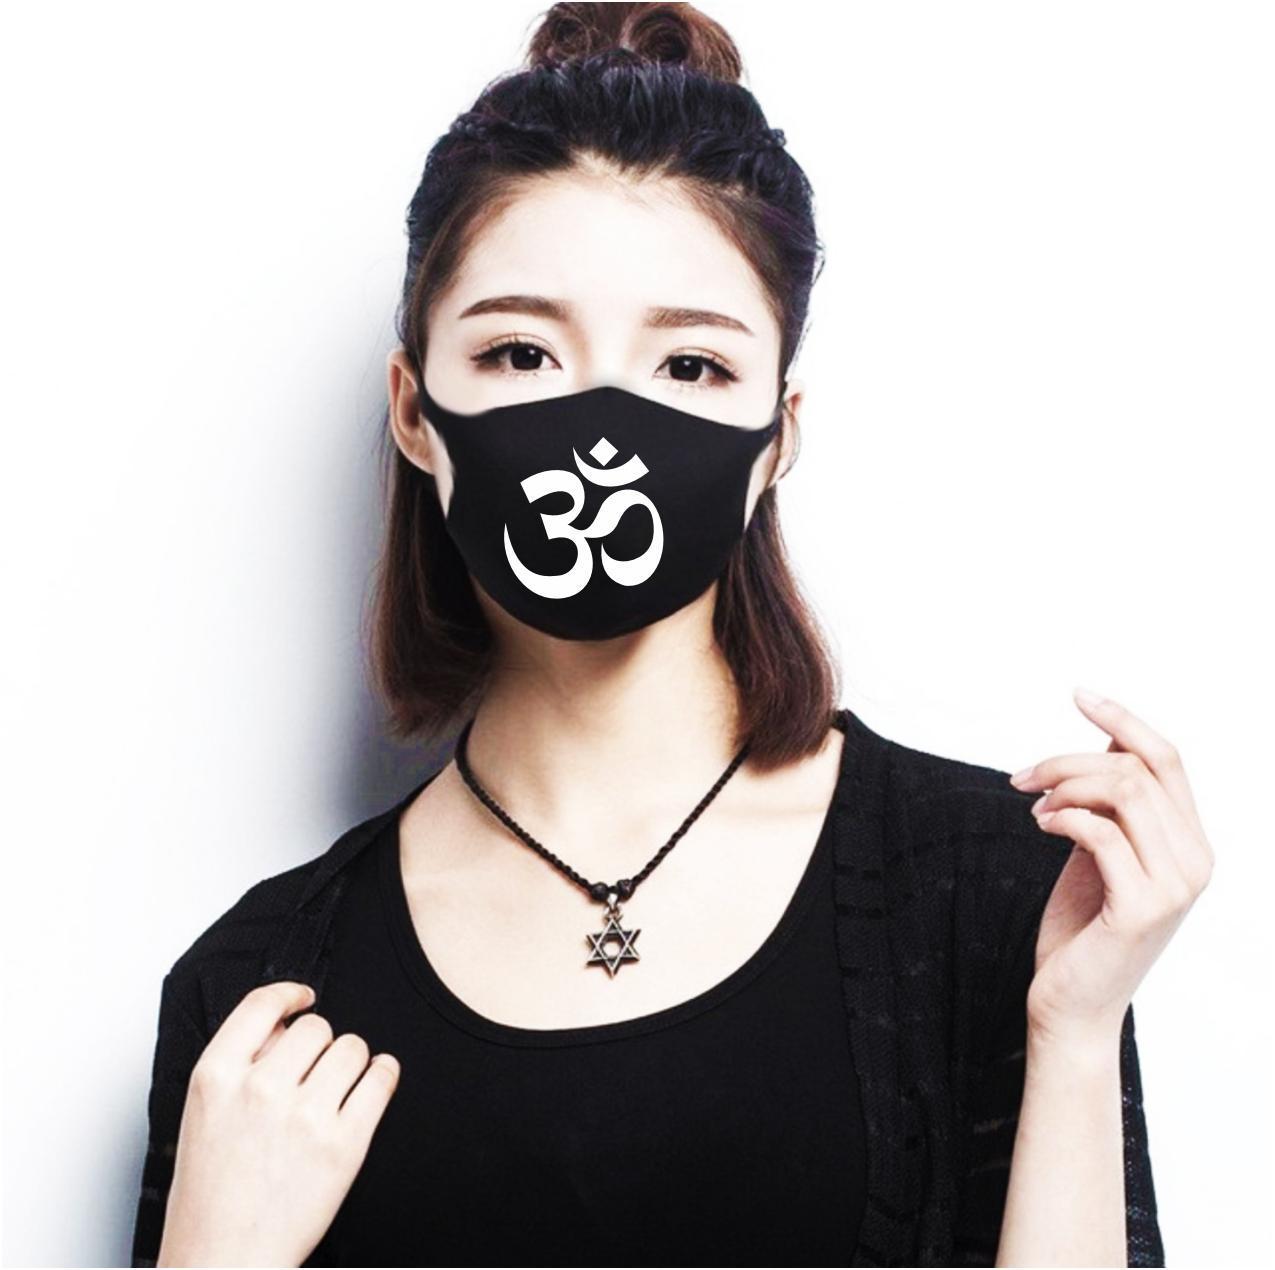 Многоразовая (респиратор) защитная маска на лицо с принтом